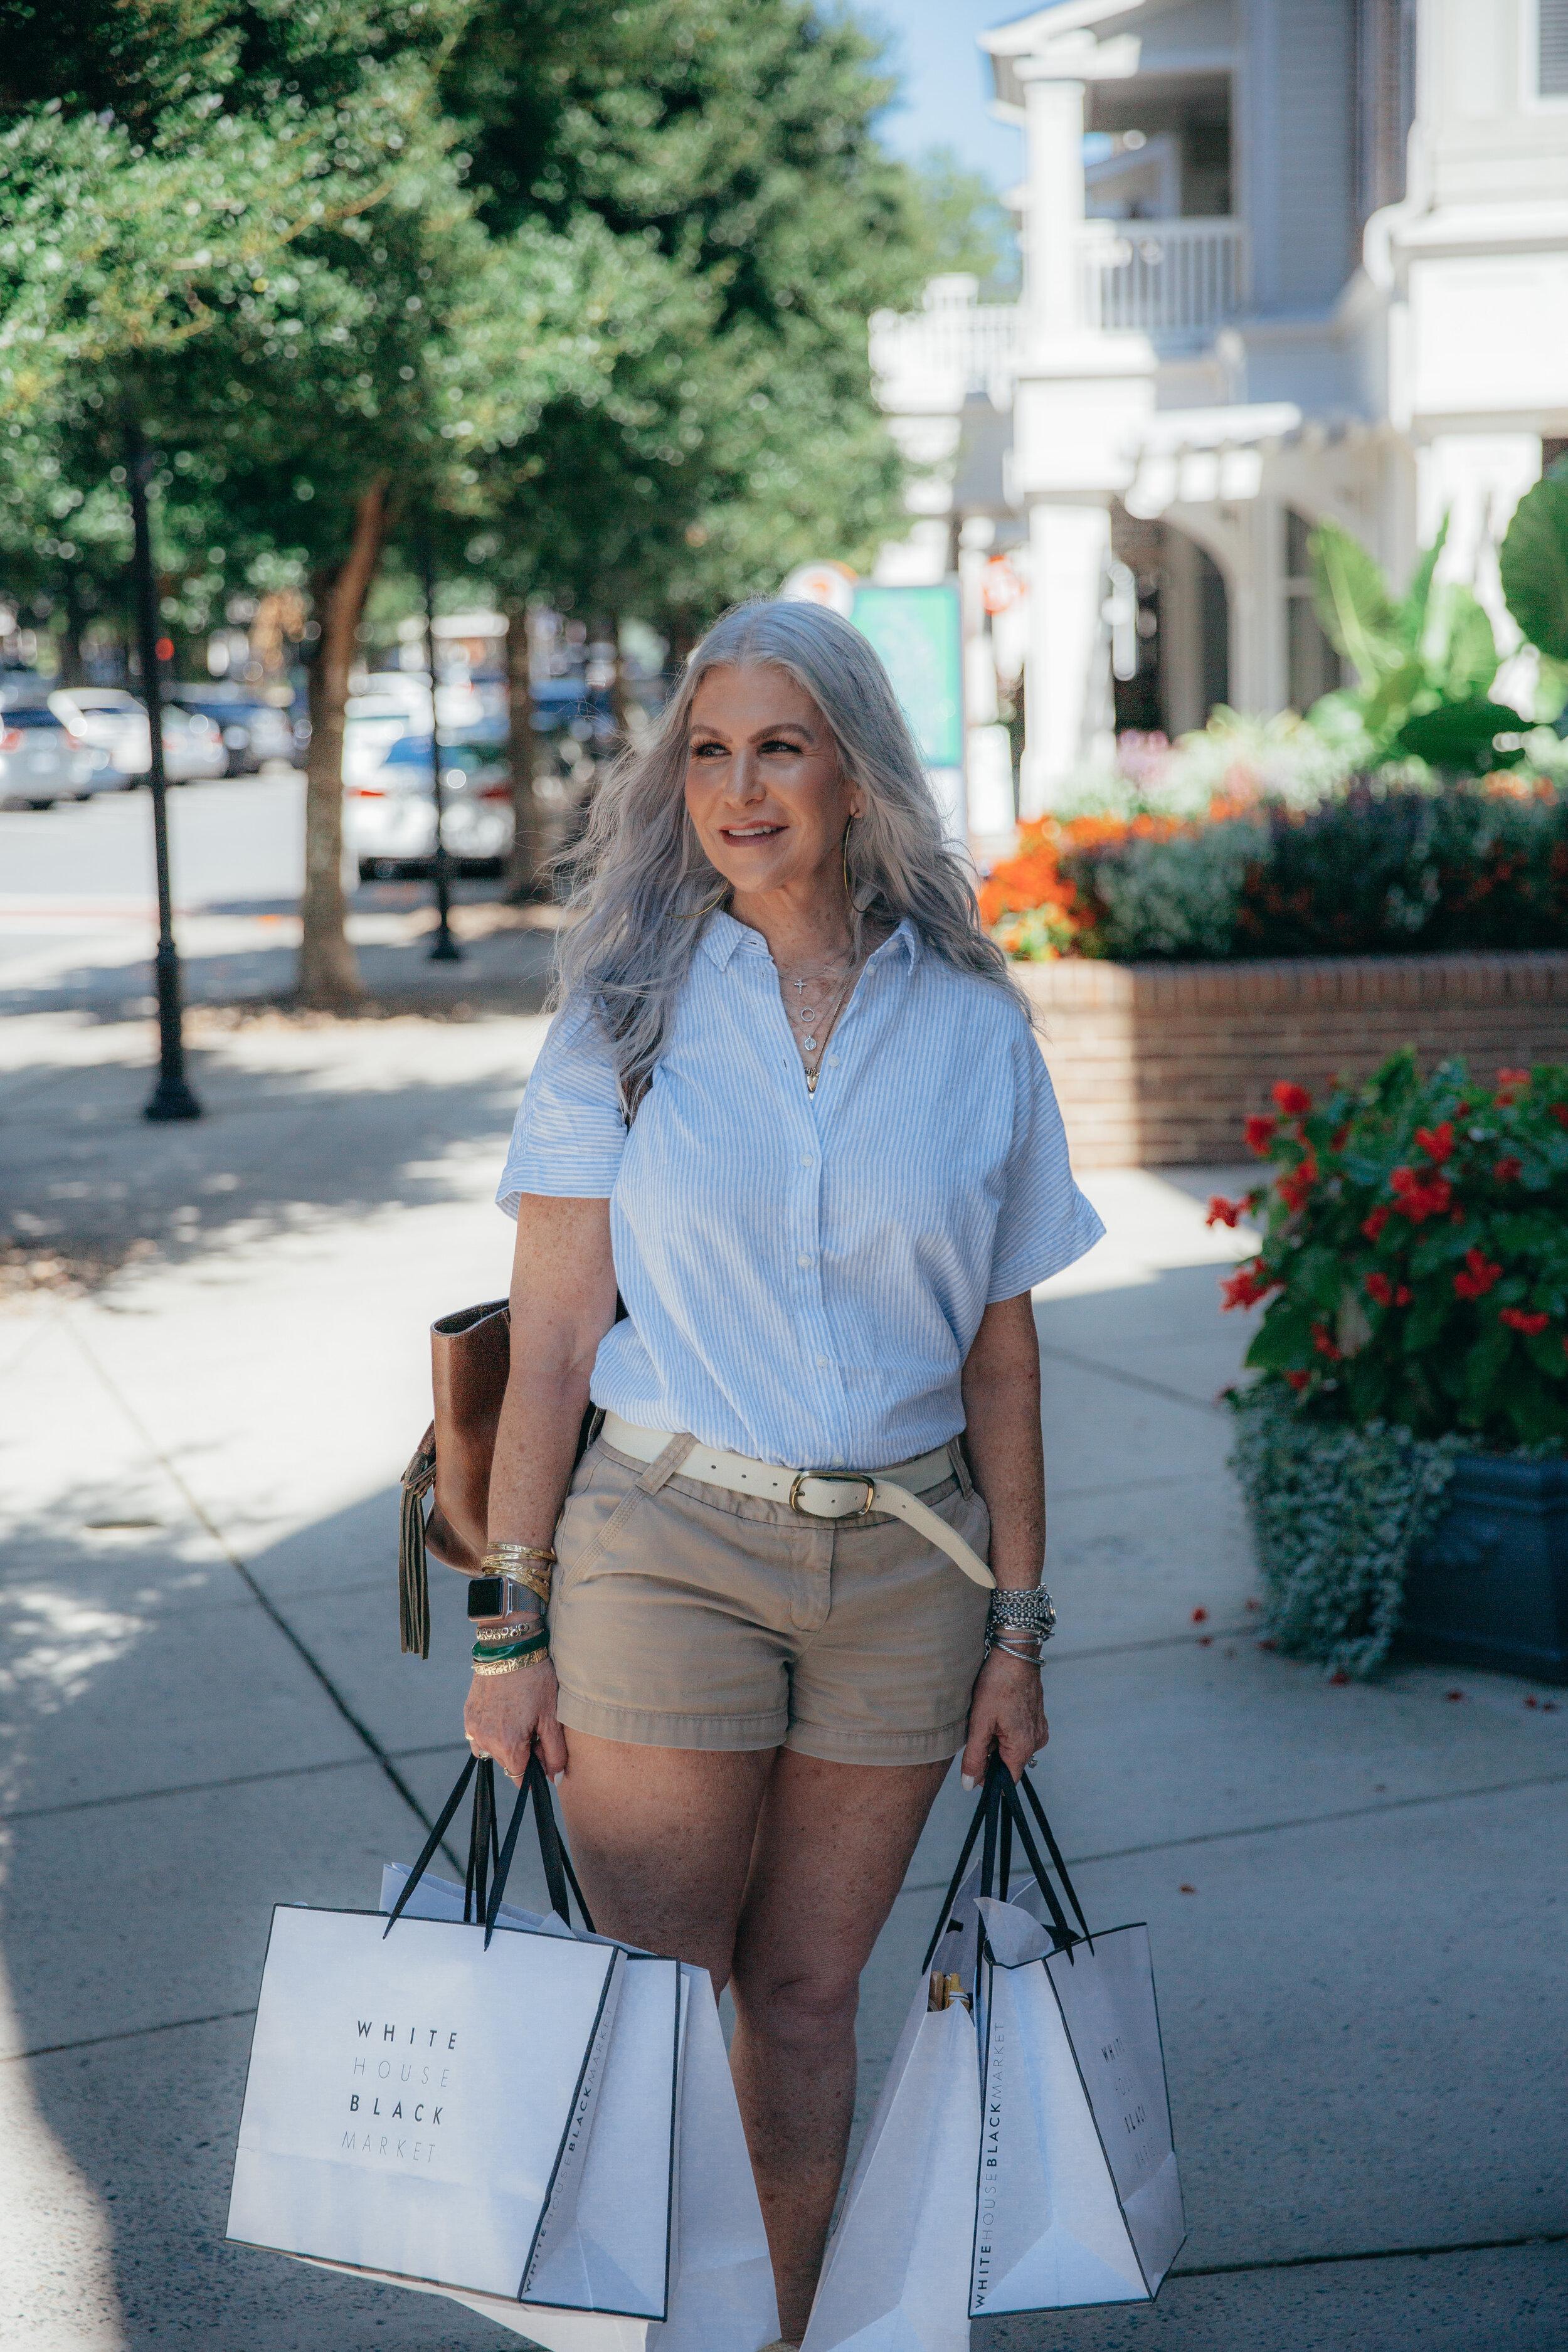 Lisa shorts september 2019-2.jpg